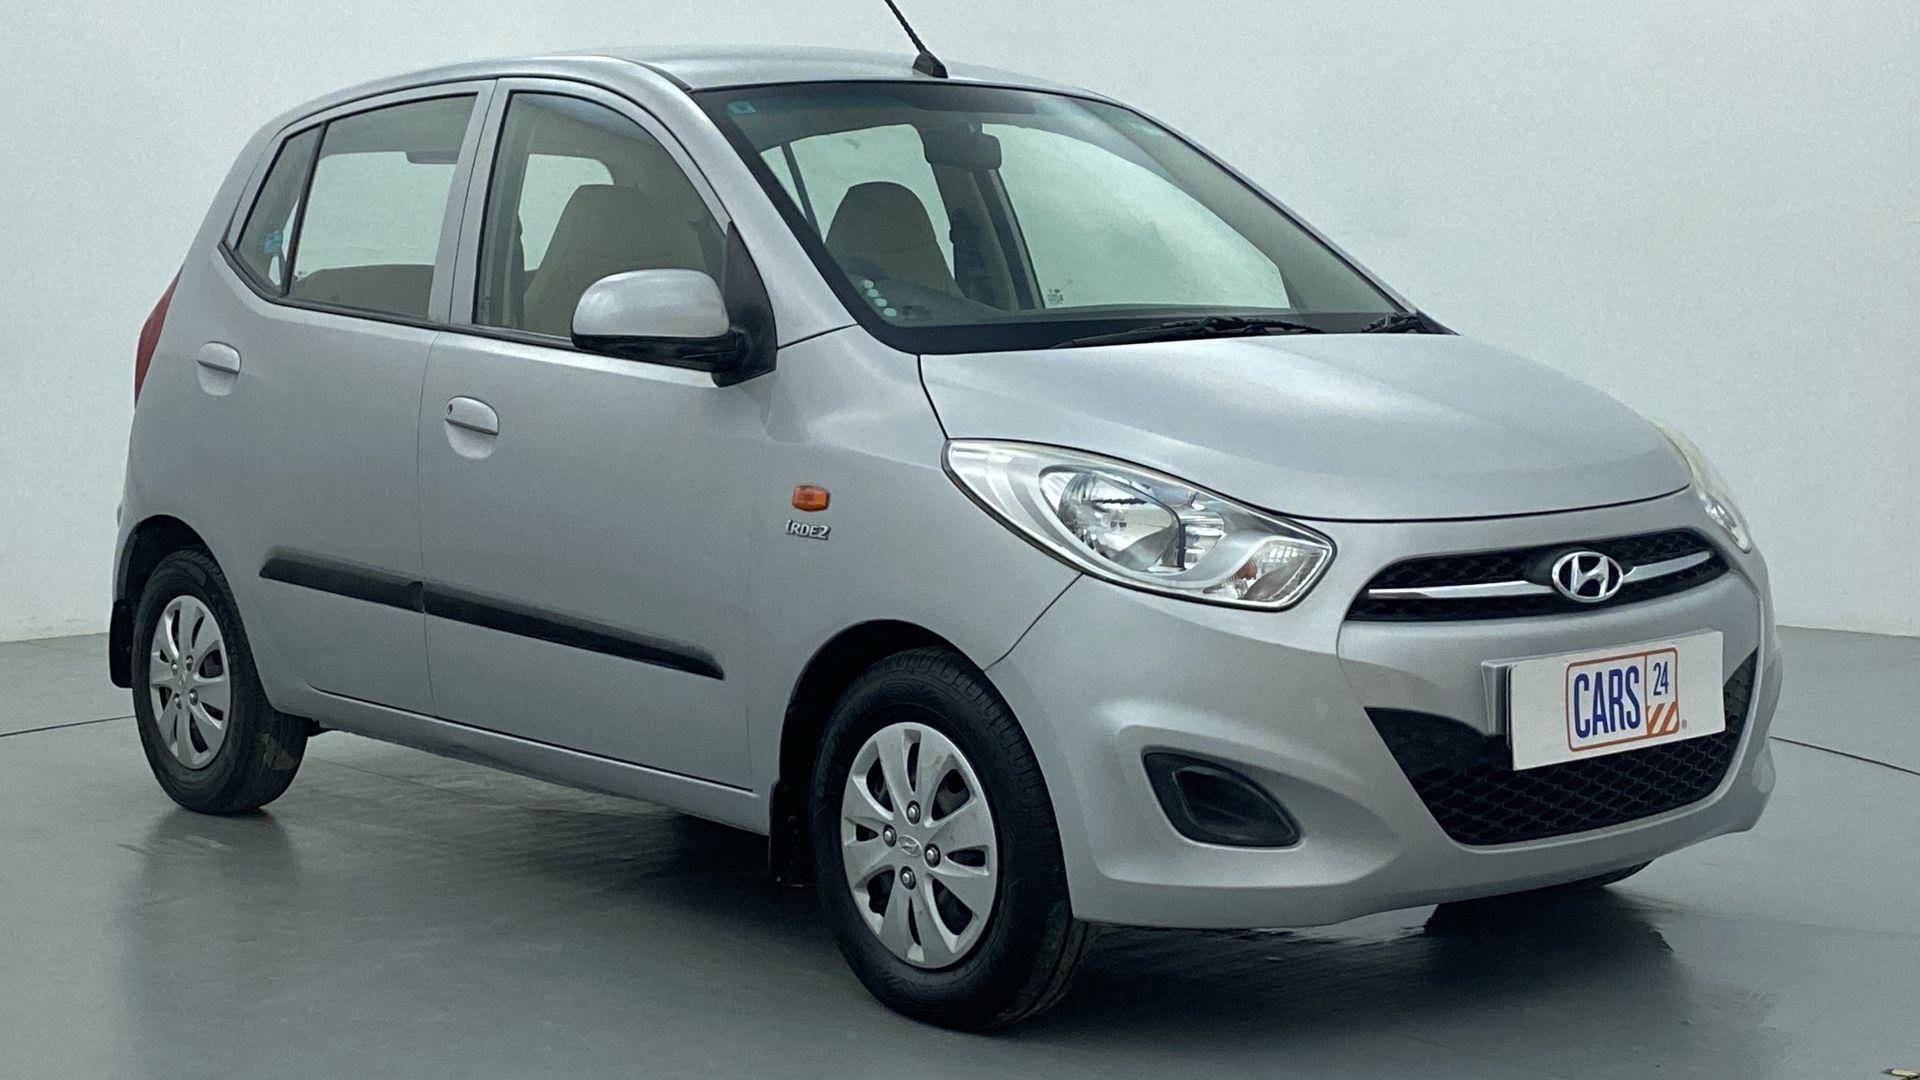 2012 Hyundai i10 MAGNA 1.1 IRDE2